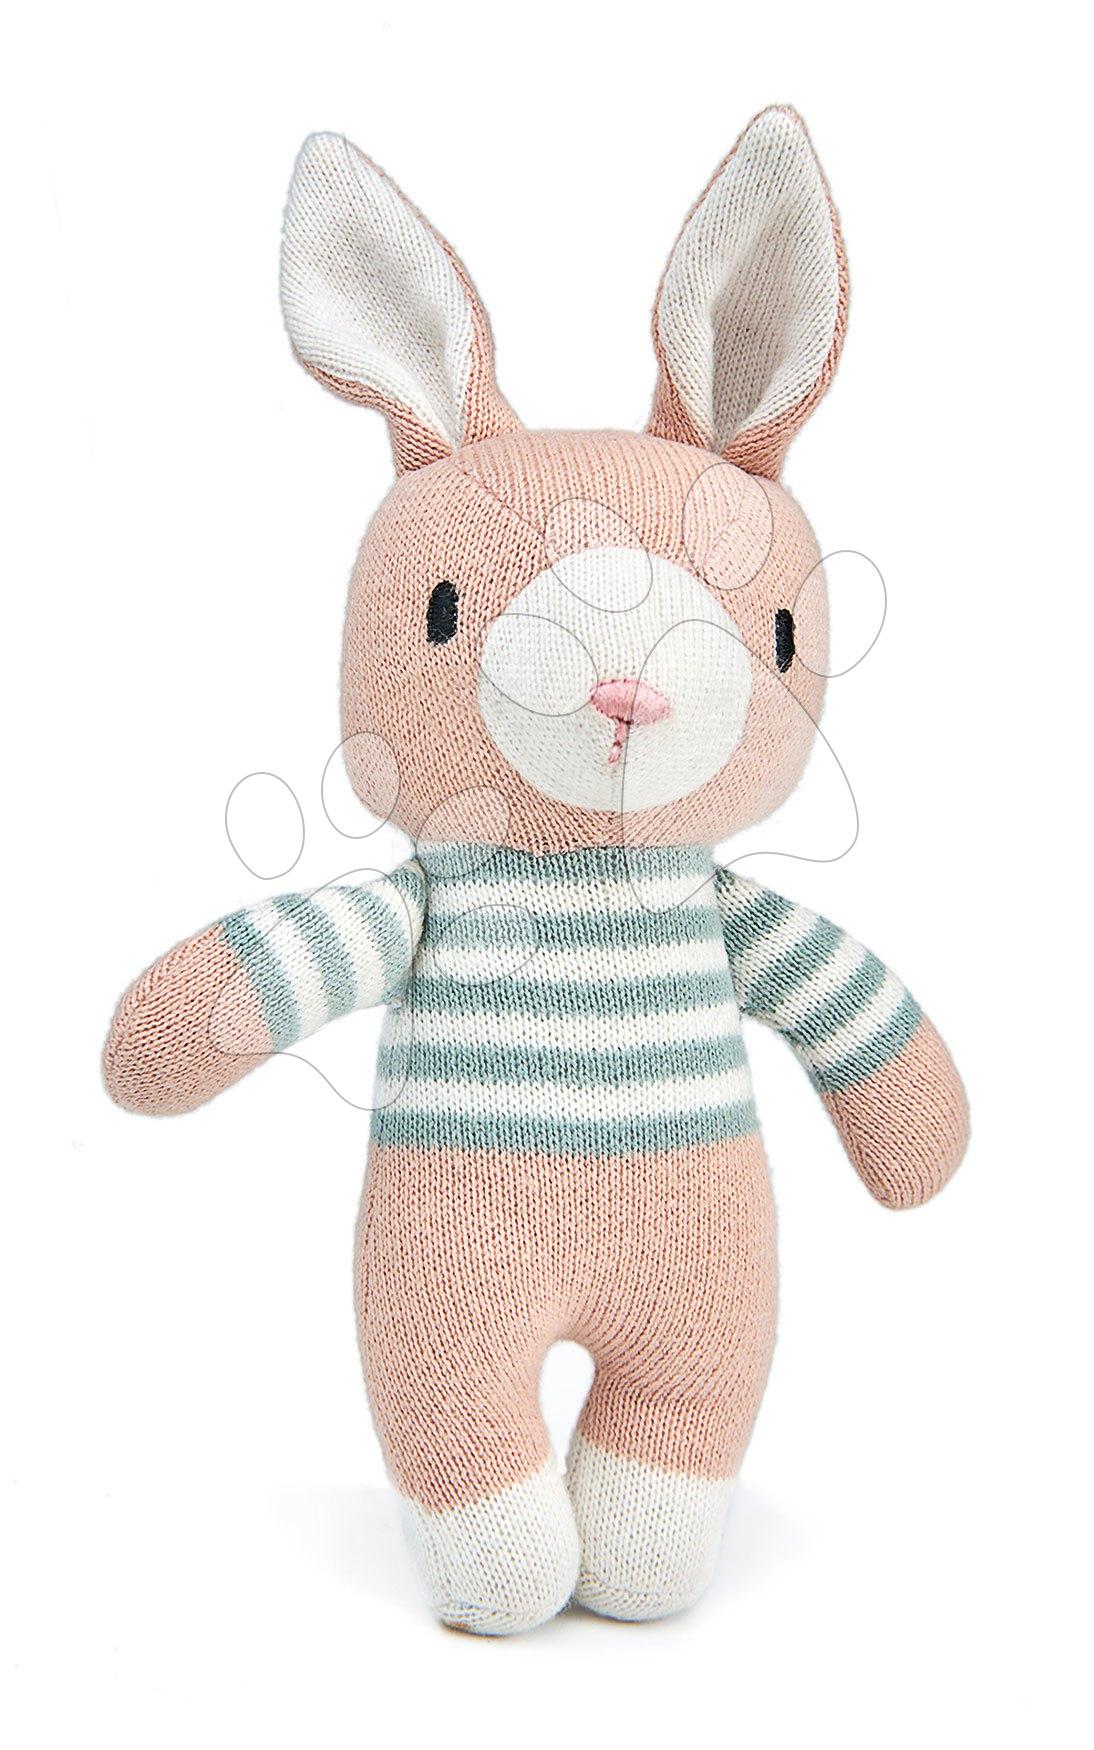 Panenka pletená zajíček Finbar Hare Knitted Baby Doll ThreadBear 18 cm z jemné a měkké bavlny s dárkovým štítkem od 0 měsíců